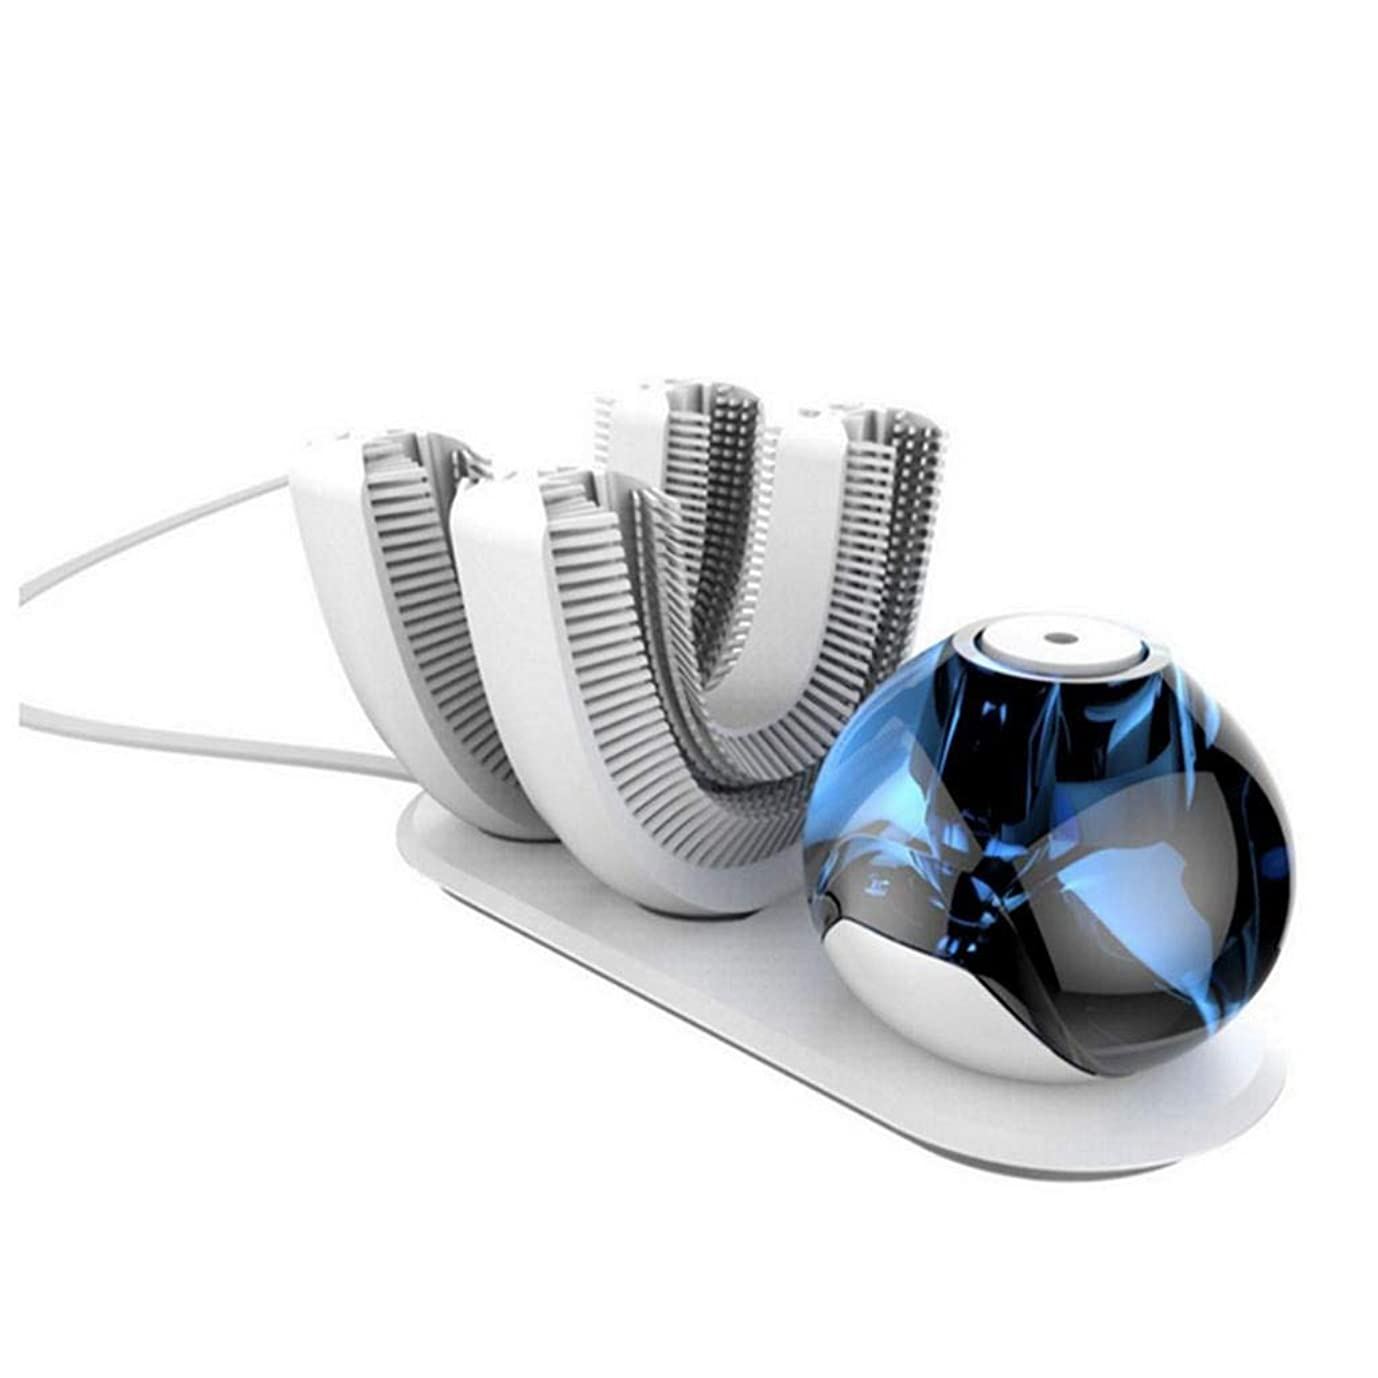 直立伝統的レギュラーHETAO クリエイティブ自動歯ブラシ、怠惰な、自動歯ブラシ電動歯ブラシワイヤレス充電式360°、歯ブラシヘッドのうちの2つは、白歯ブラシの歯に設計されています 白